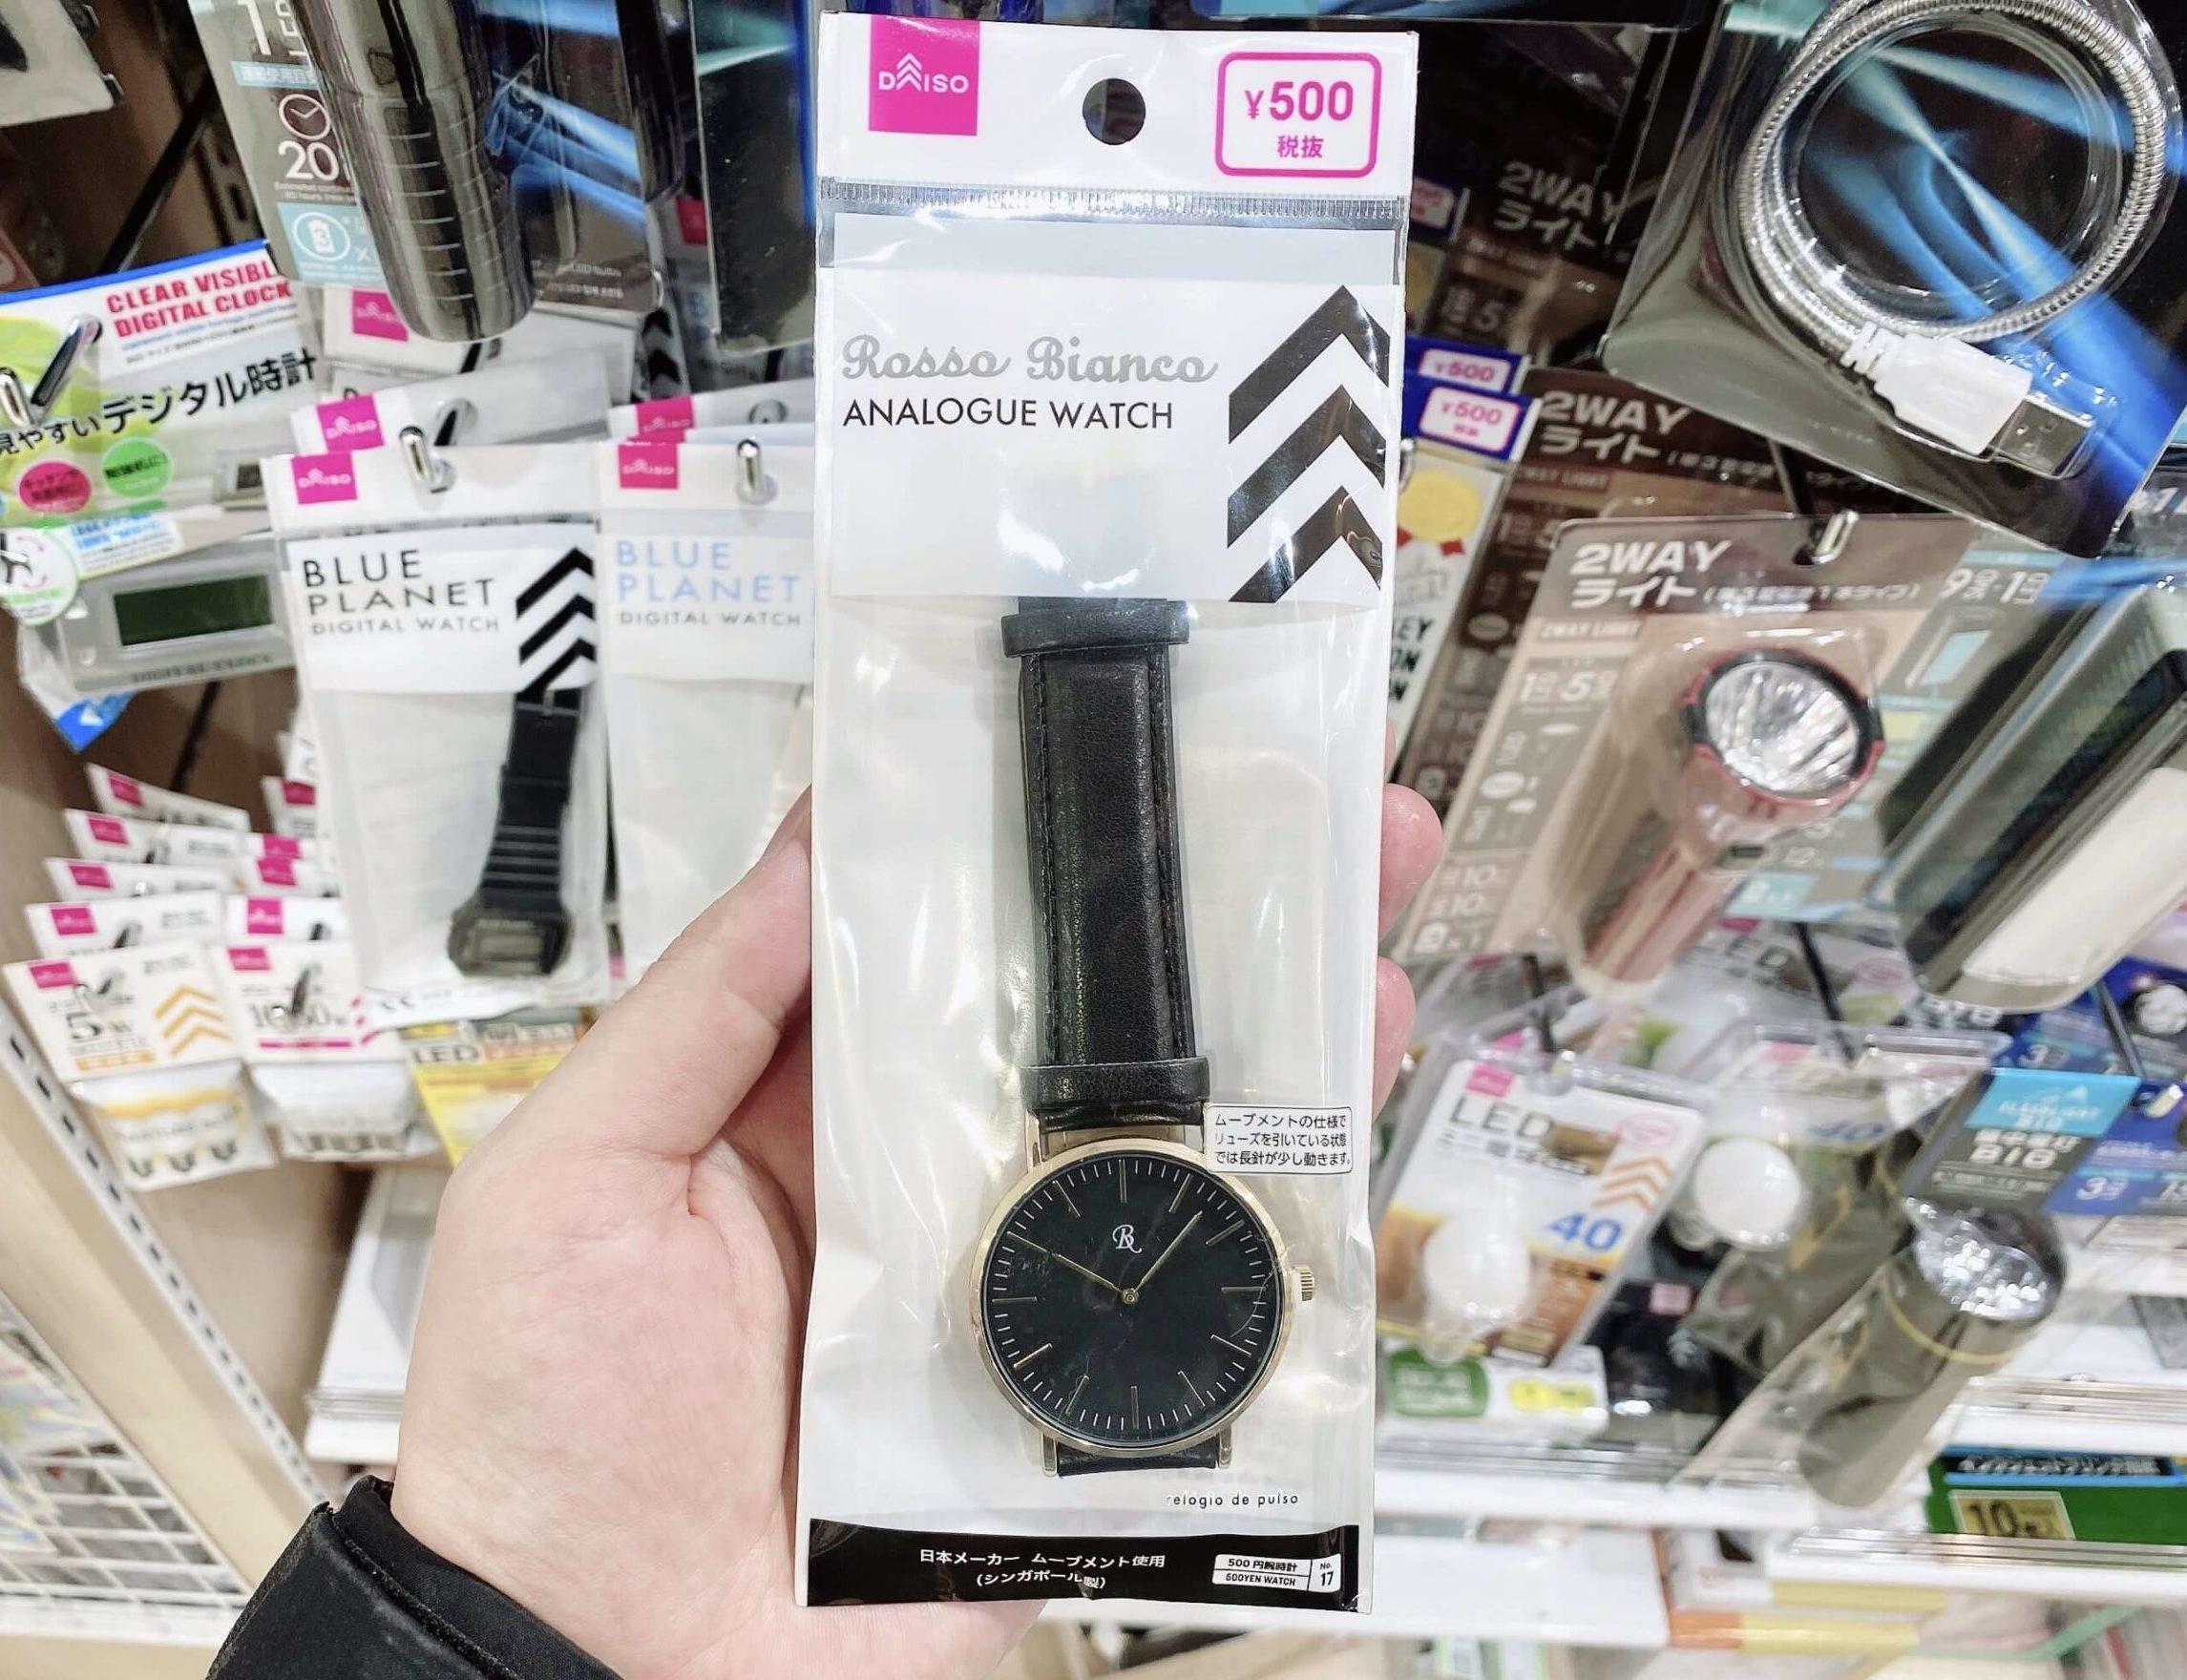 ダイソーのアナログ腕時計